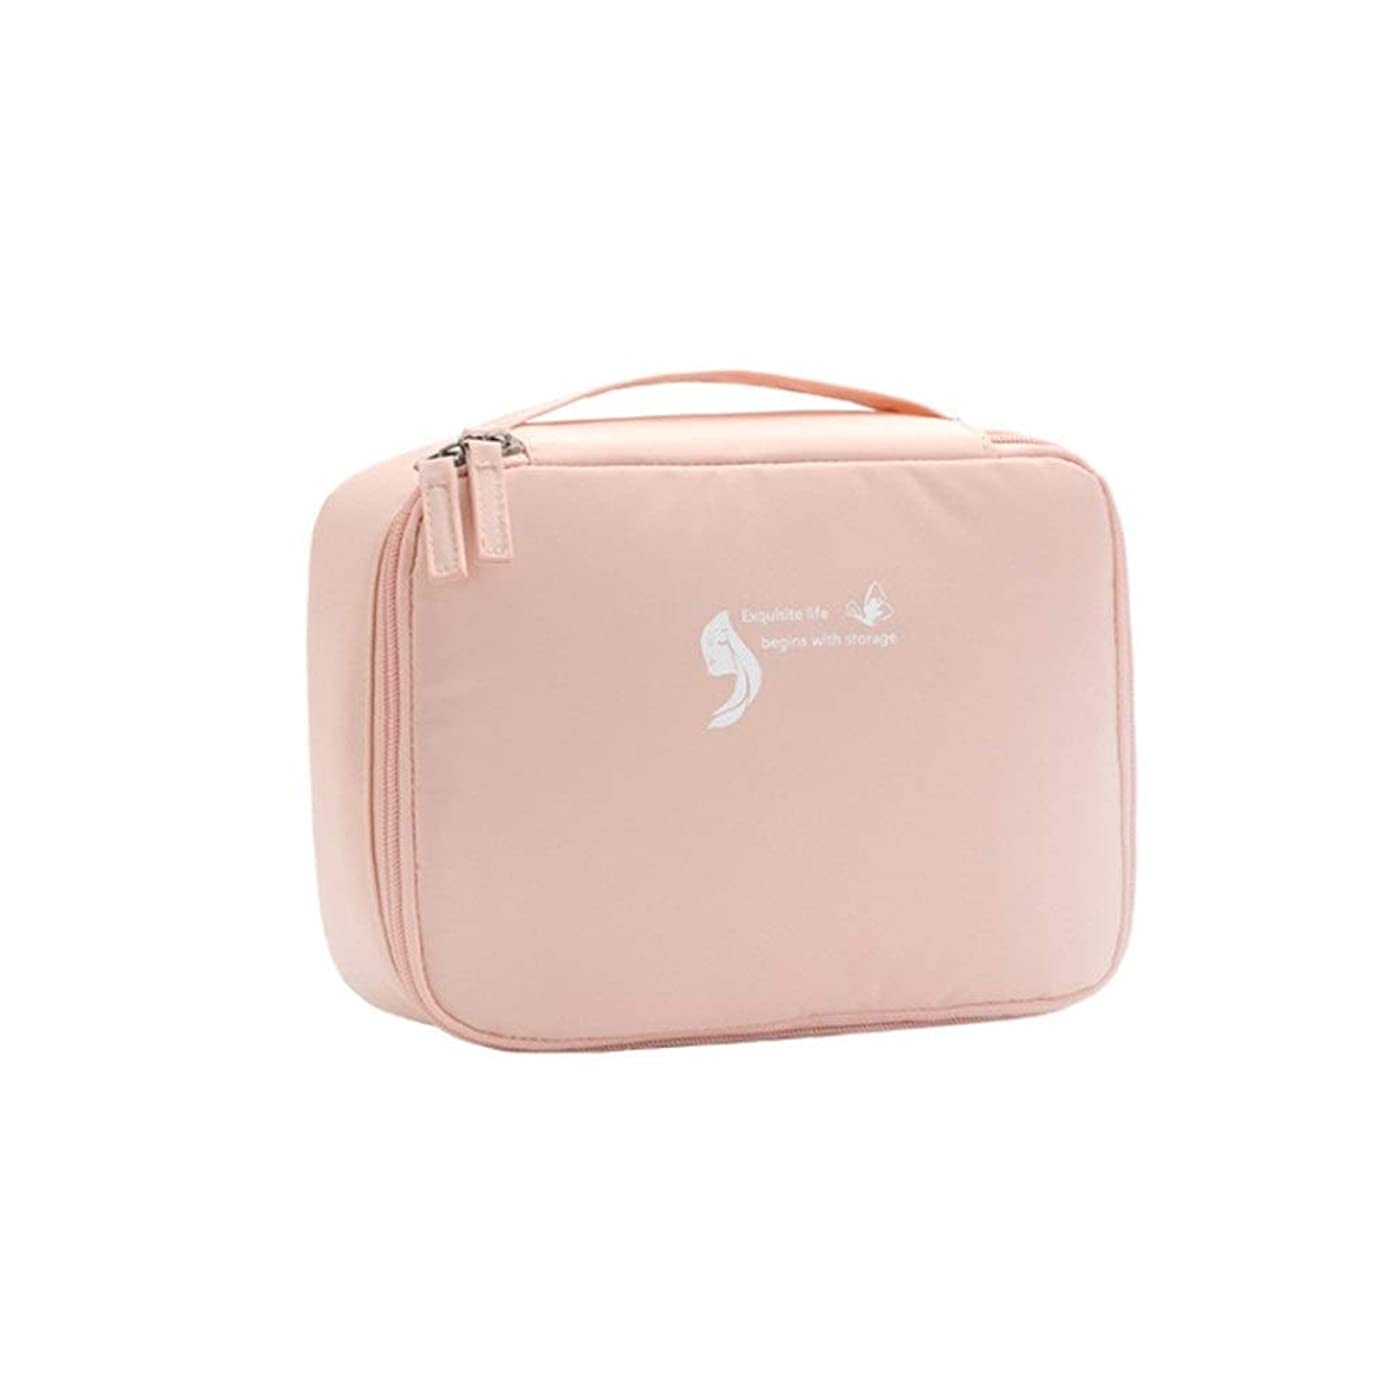 女王答えアナウンサー化粧品のバッグ平方収納袋ポータブルストレージウォッシュバッグ化粧品トラベル収納袋 (Color : Pink)